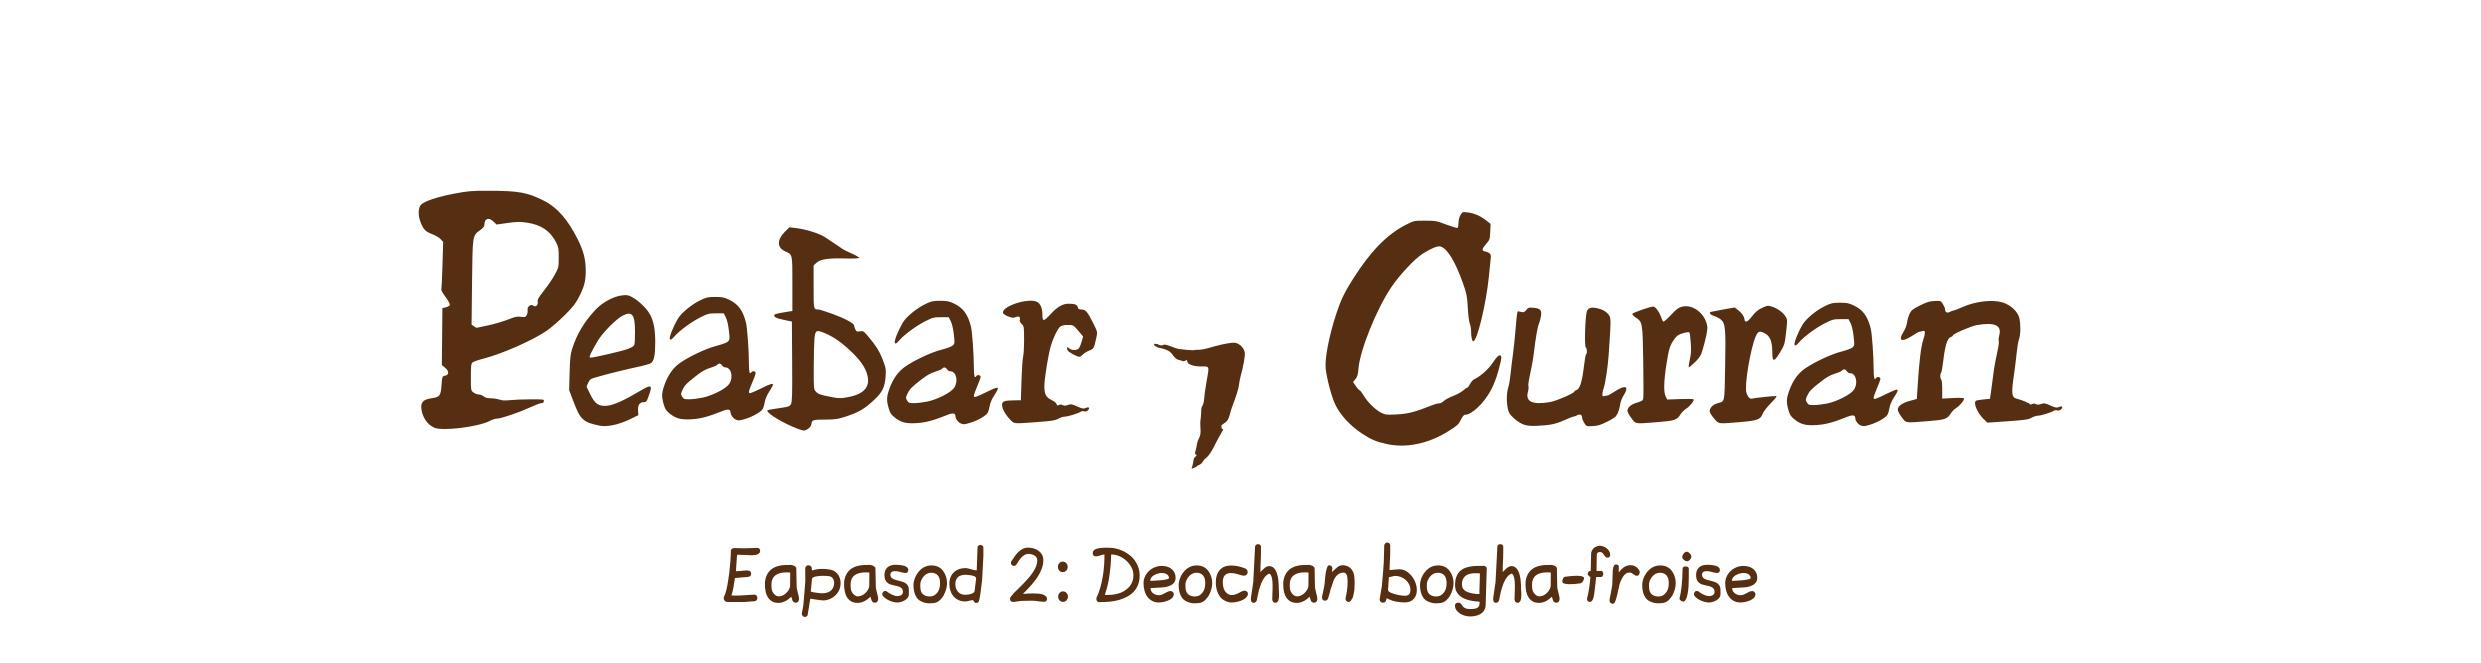 Eapasod 2: Deochan bogha-froise